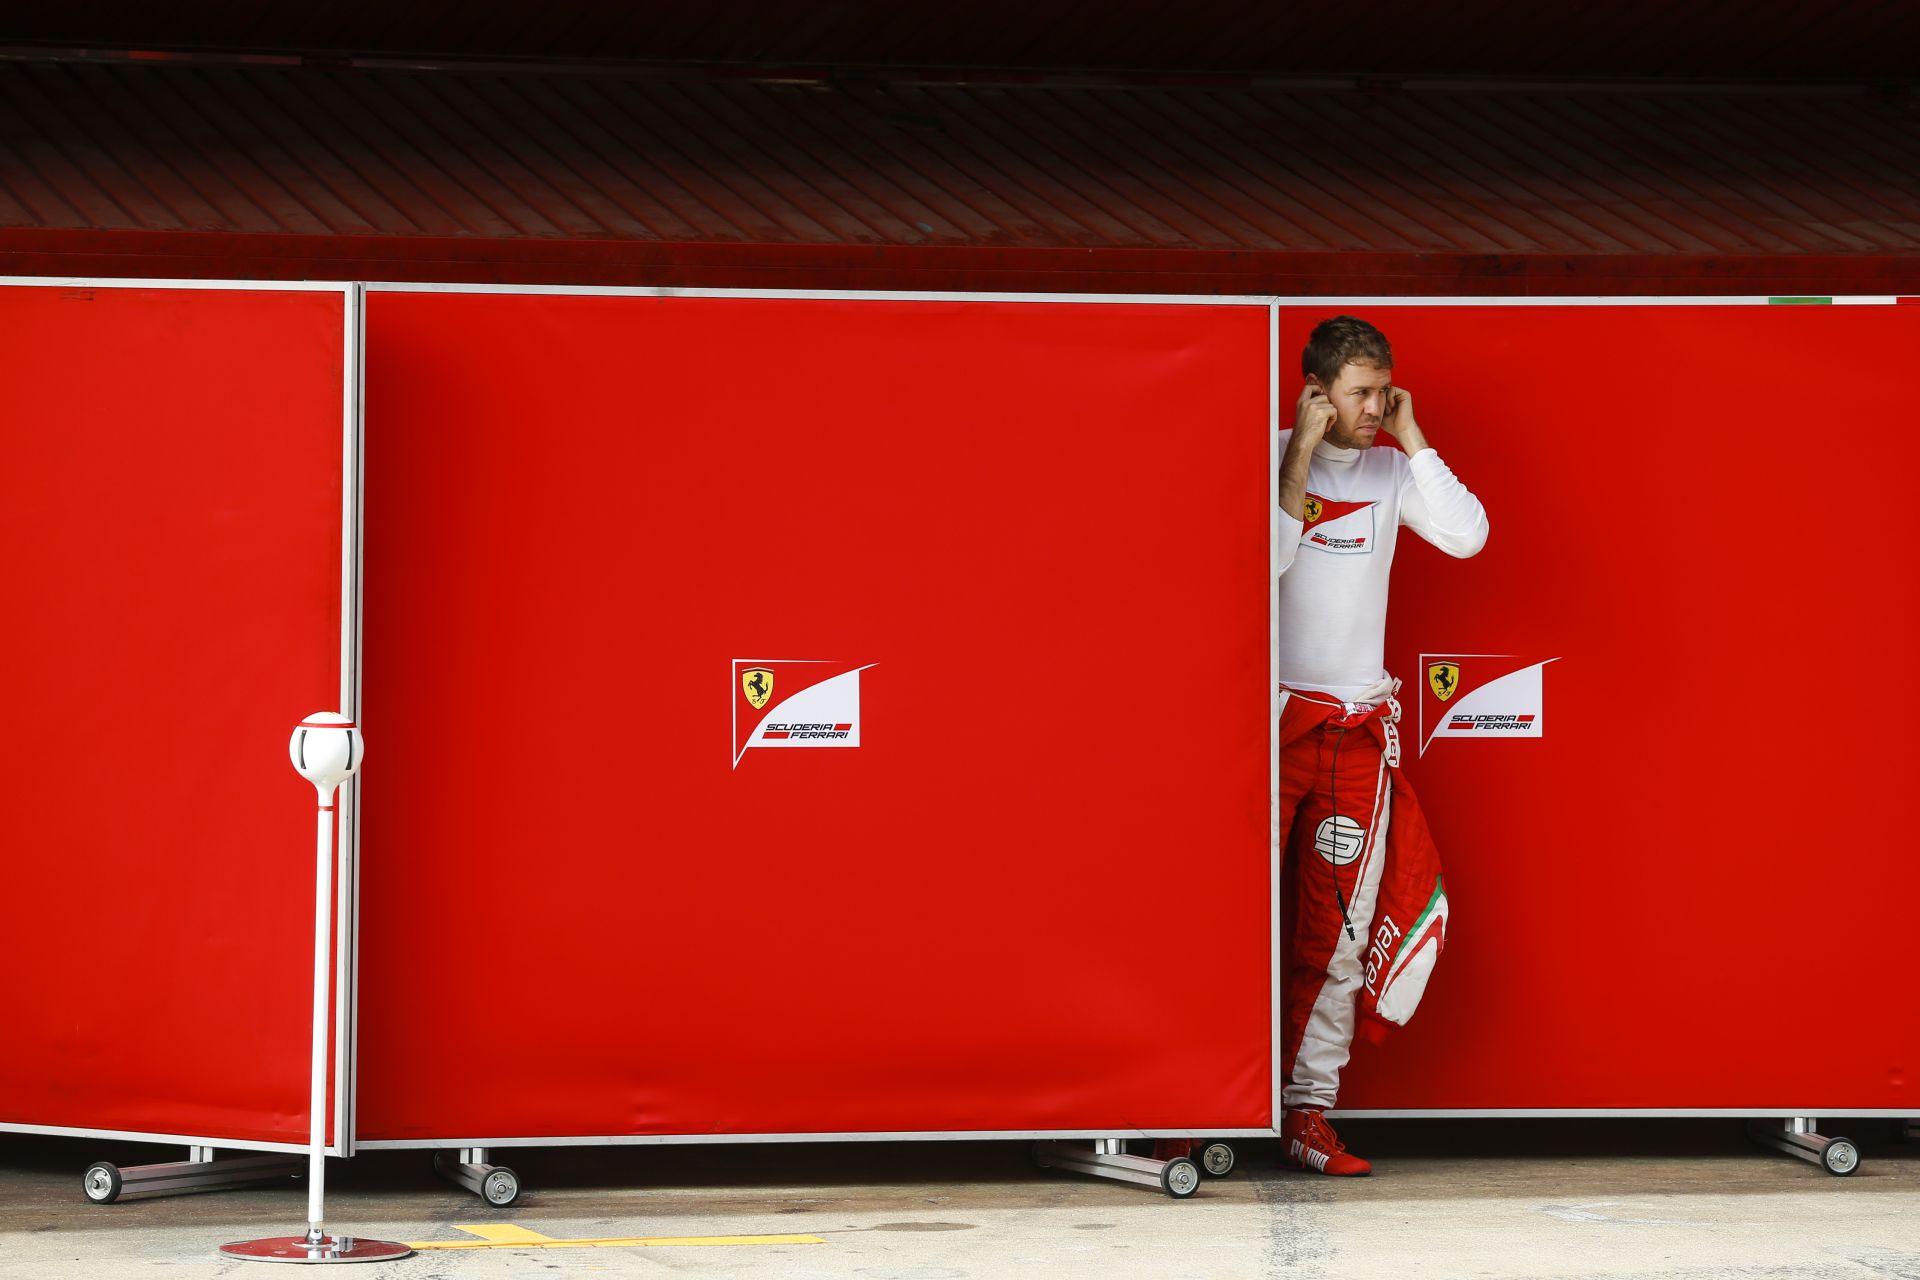 Vettel Ferrarijában megint ki kell cserélni a sebességváltót